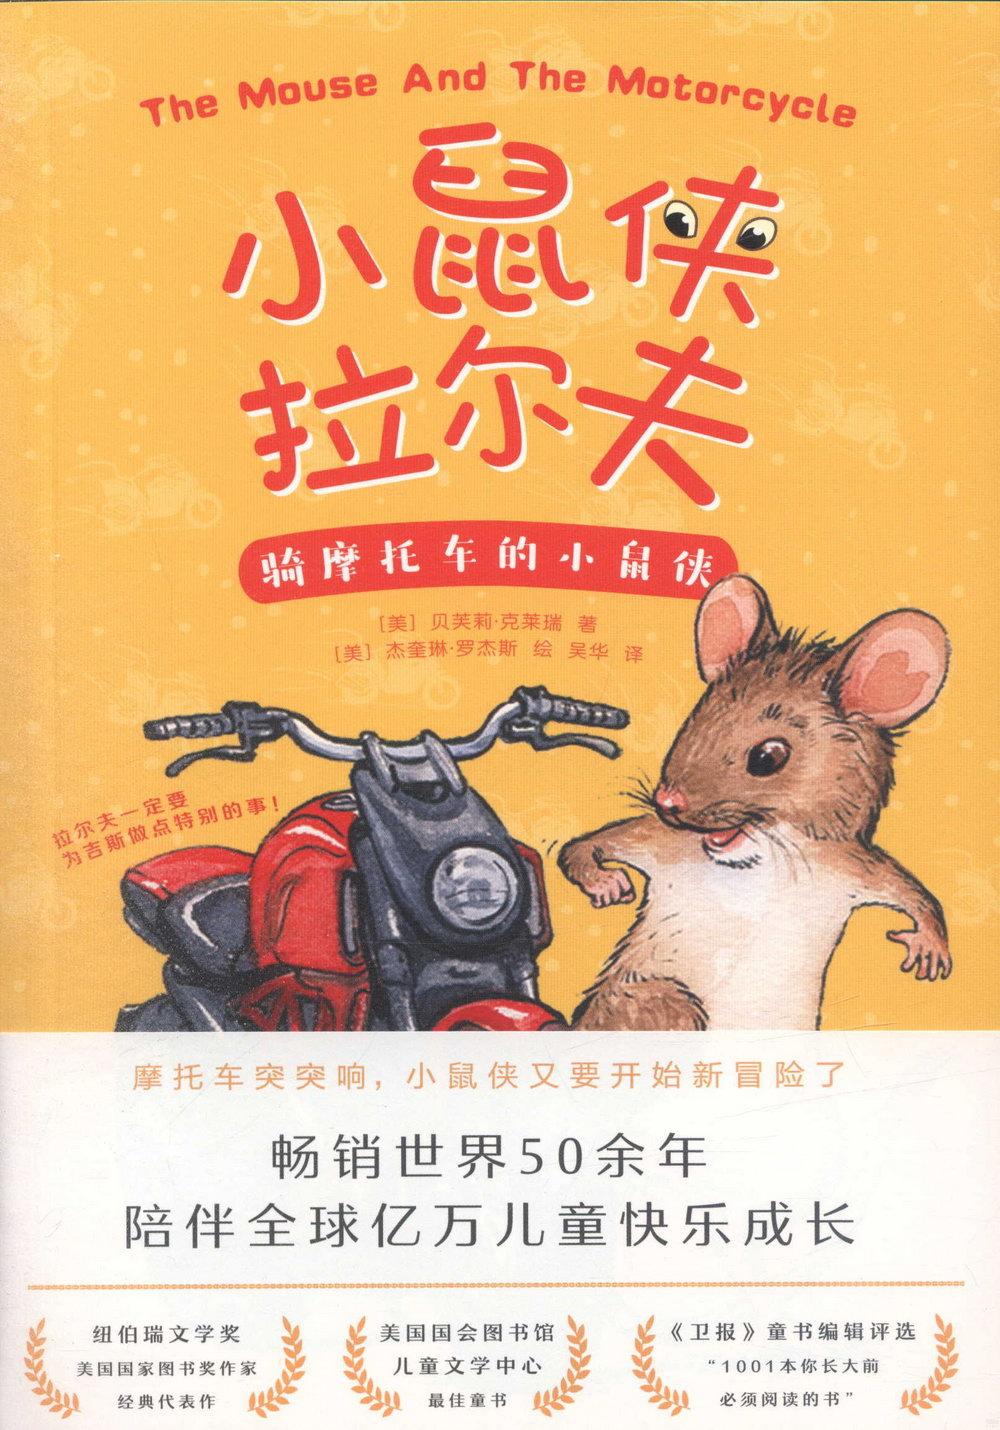 小鼠俠拉爾夫:騎摩托車的小鼠俠